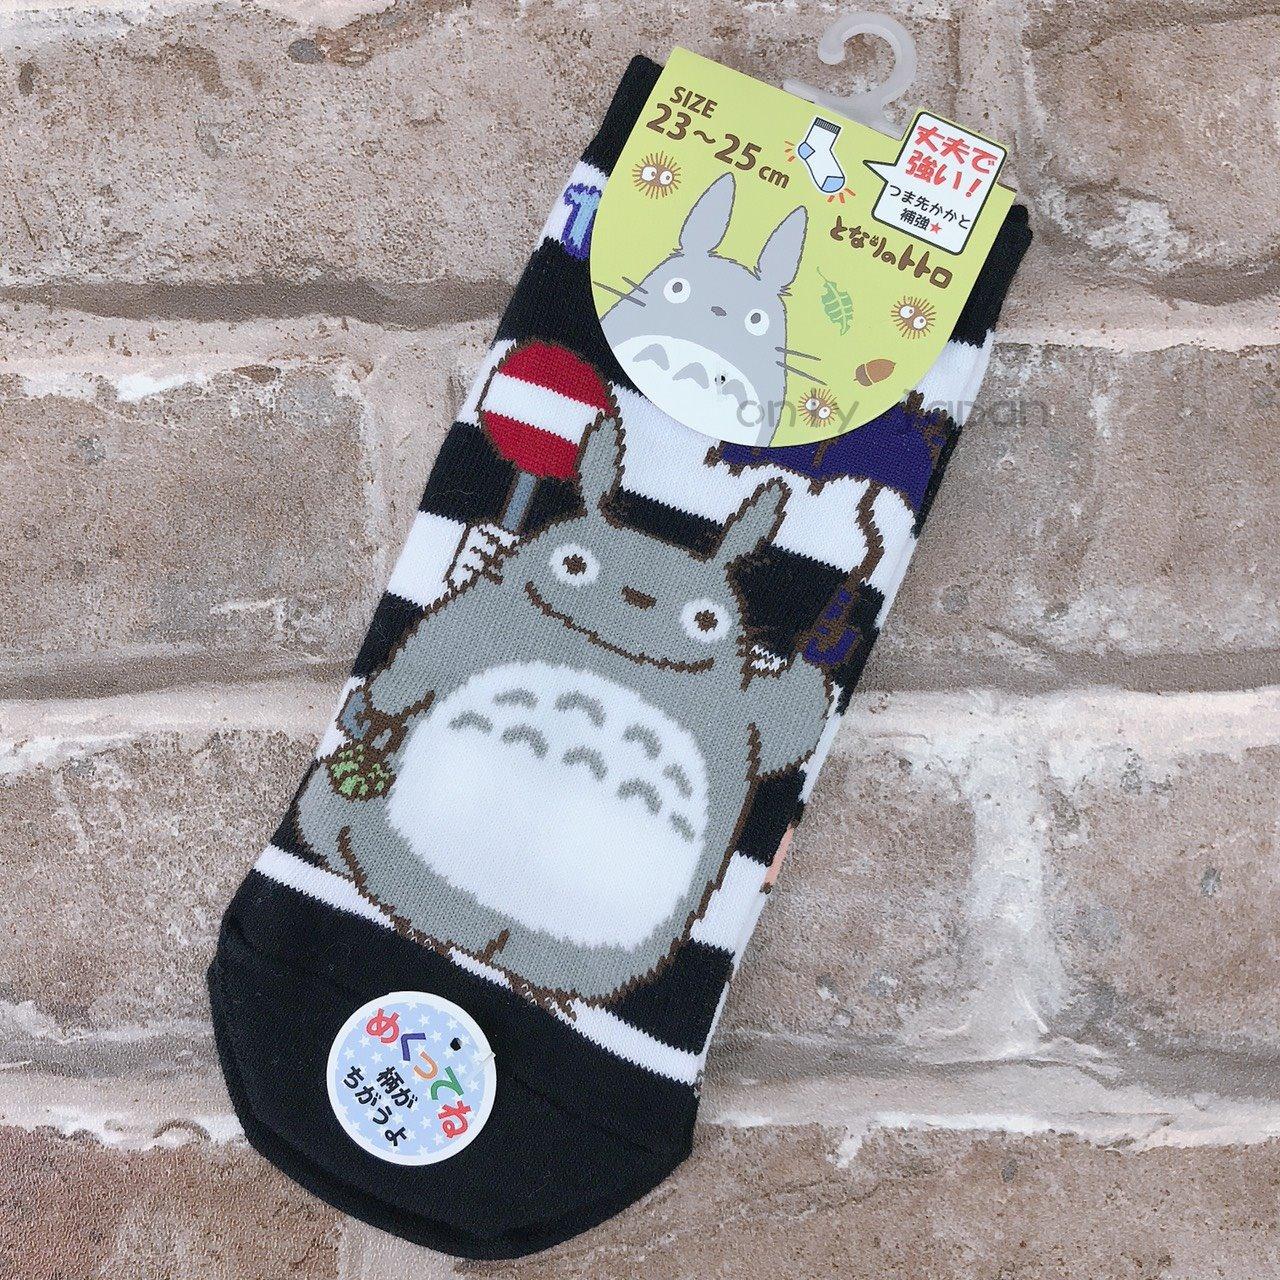 【真愛日本】18020900006 襪子-站牌撐傘黑 宮崎駿 龍貓 TOTORO 卡通圖案 短襪 襪子